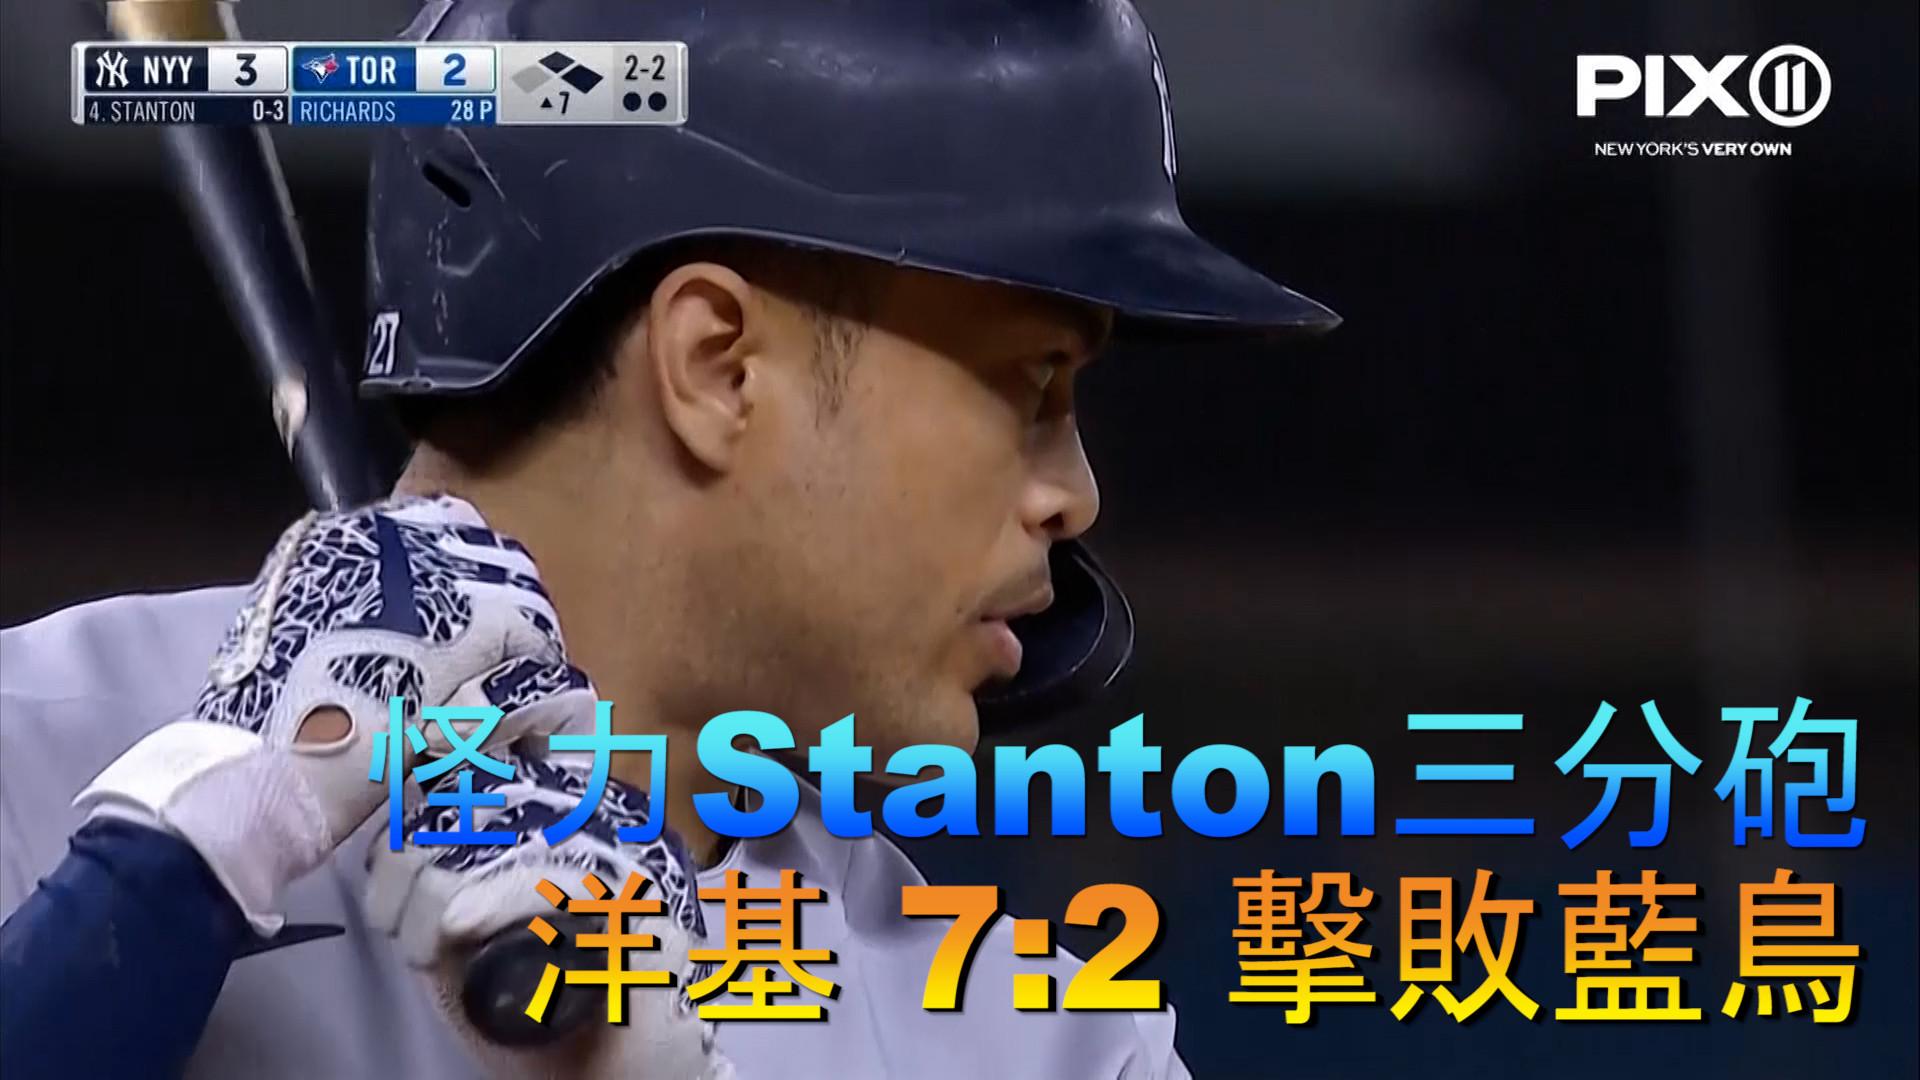 【MLB看愛爾達】洋基7:2棒打藍鳥 擴大美聯外卡優勢 9/29